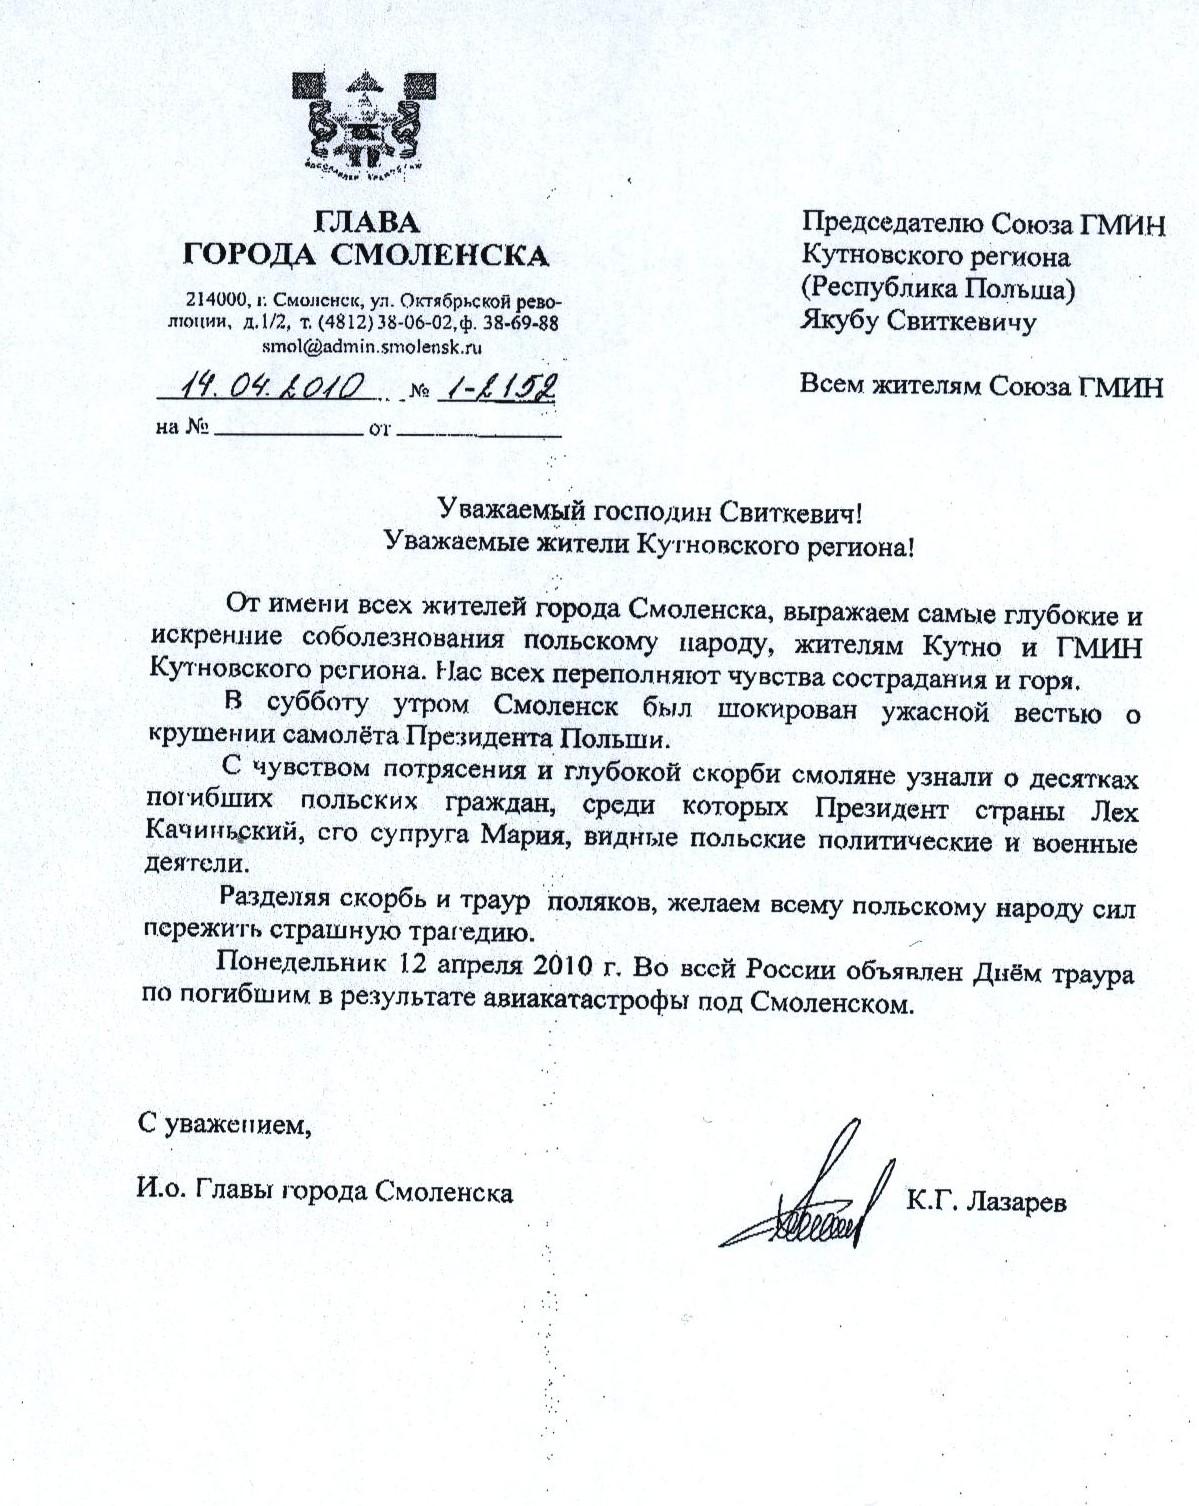 Kondolencje od Mera Miasta Smoleńsk oryginał